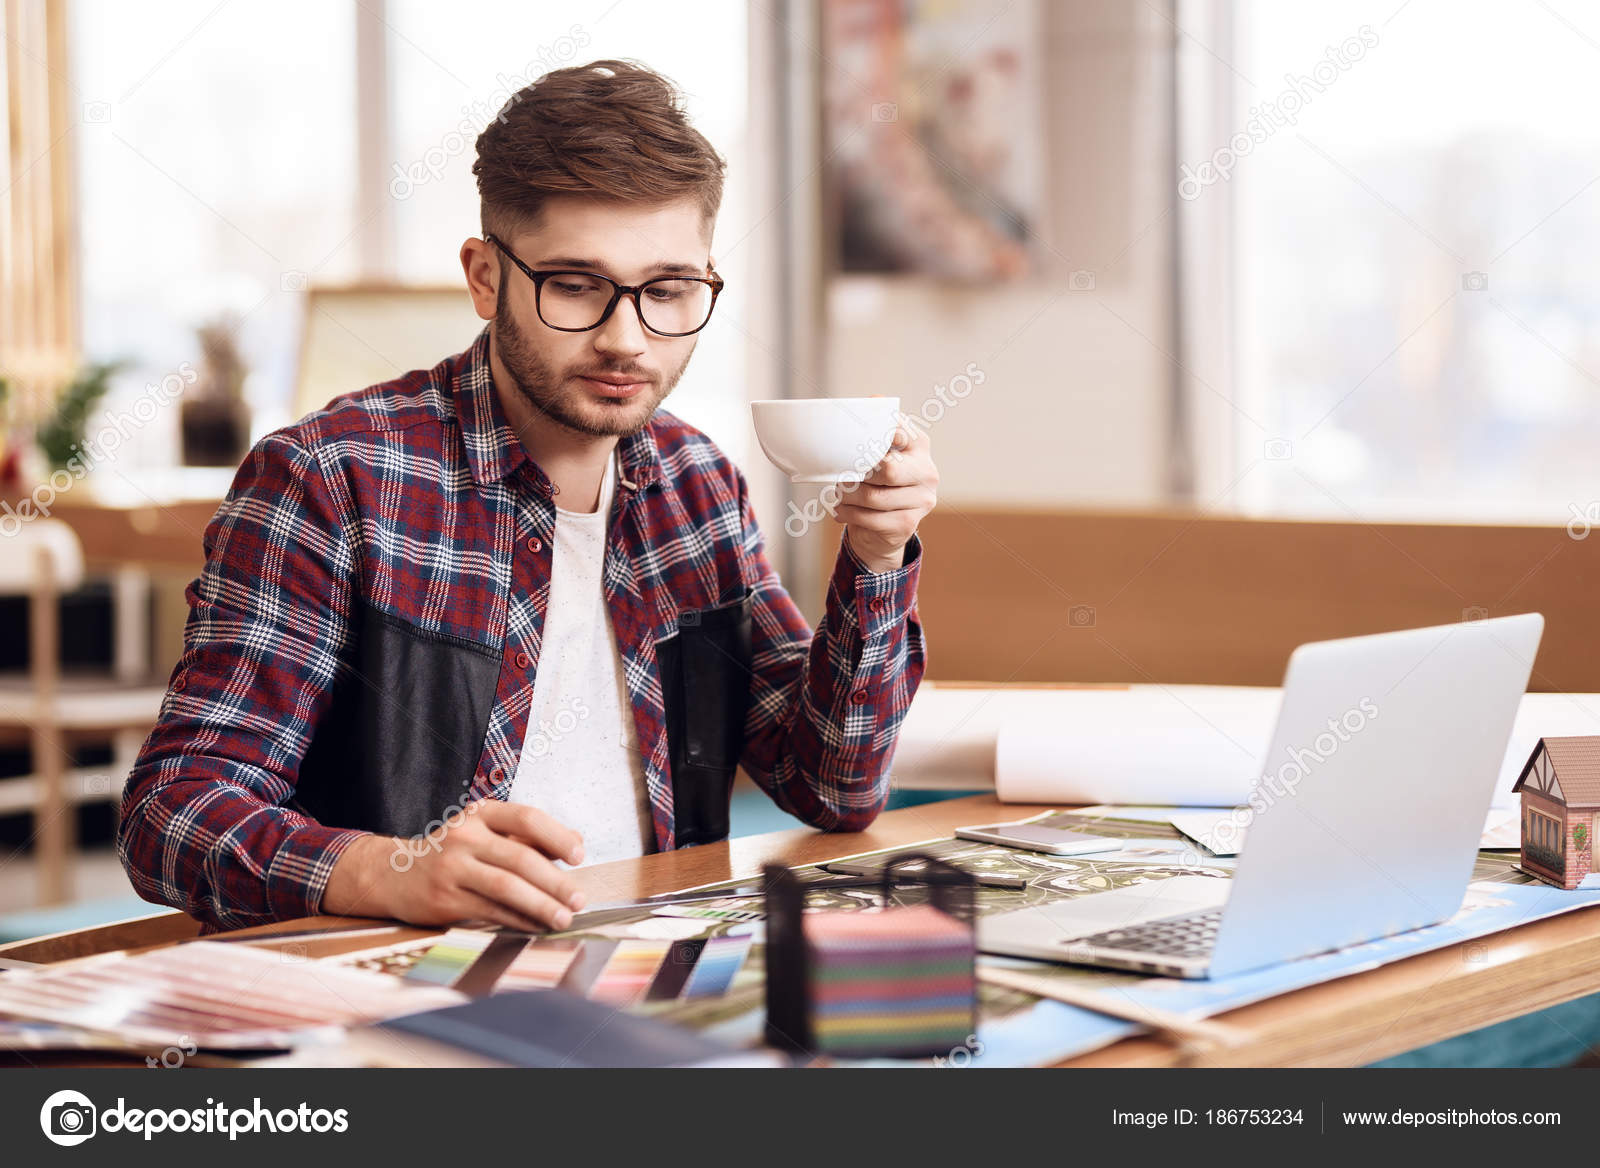 Disegno Uomo Alla Scrivania : Uomo libero professionista disegno sul piano a seduta alla